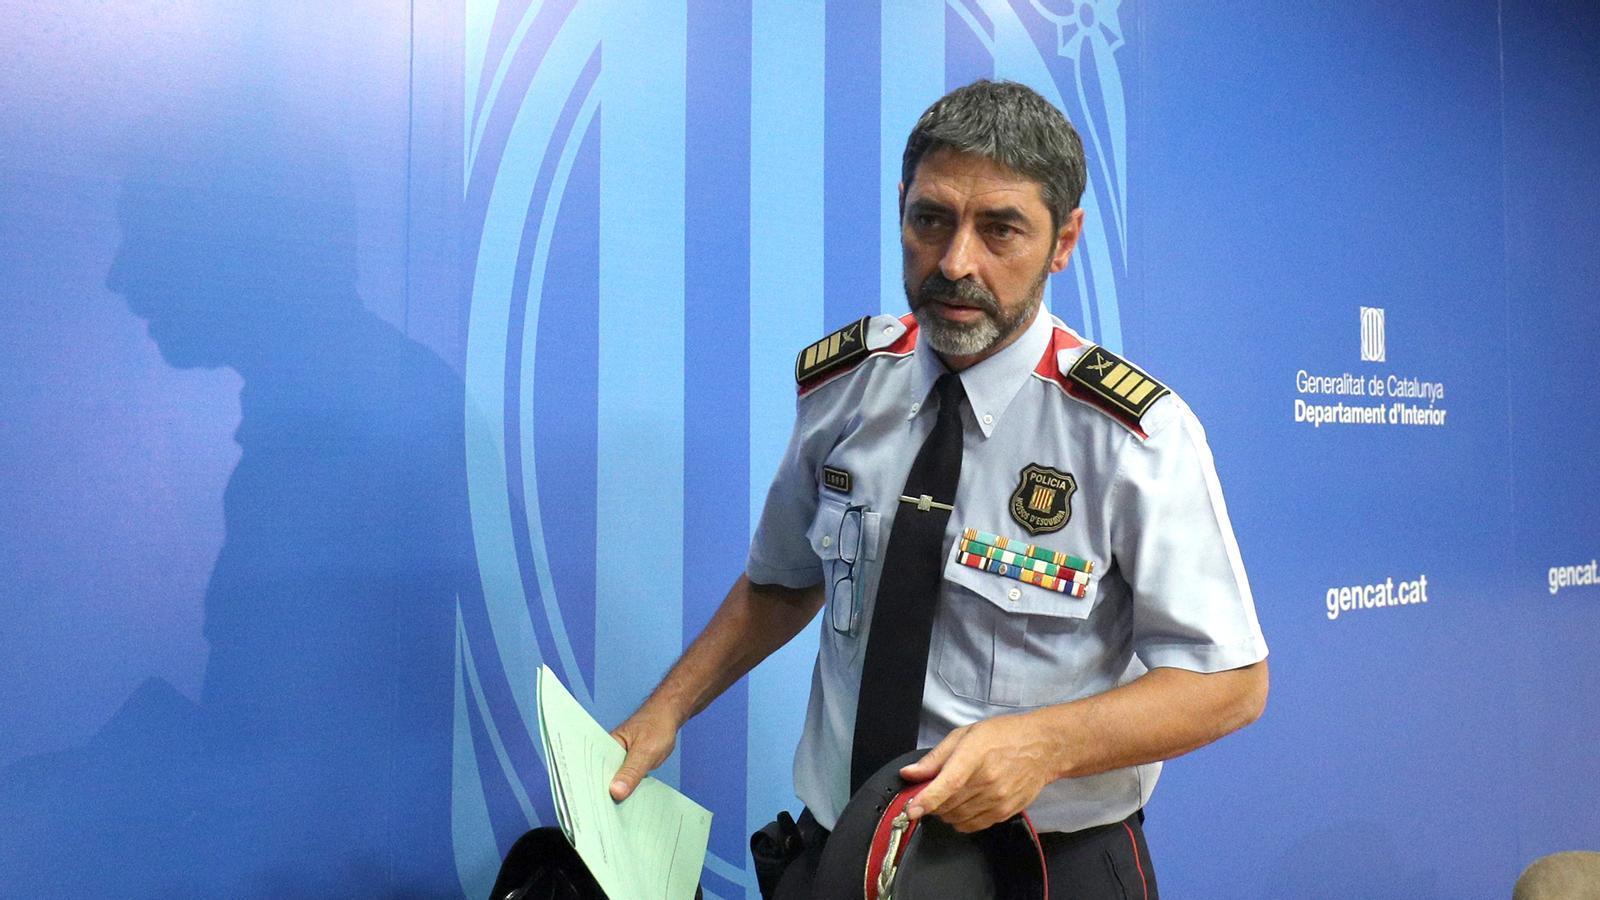 L'anàlisi d'Antoni Bassas: 'Judici polític contra els Mossos'